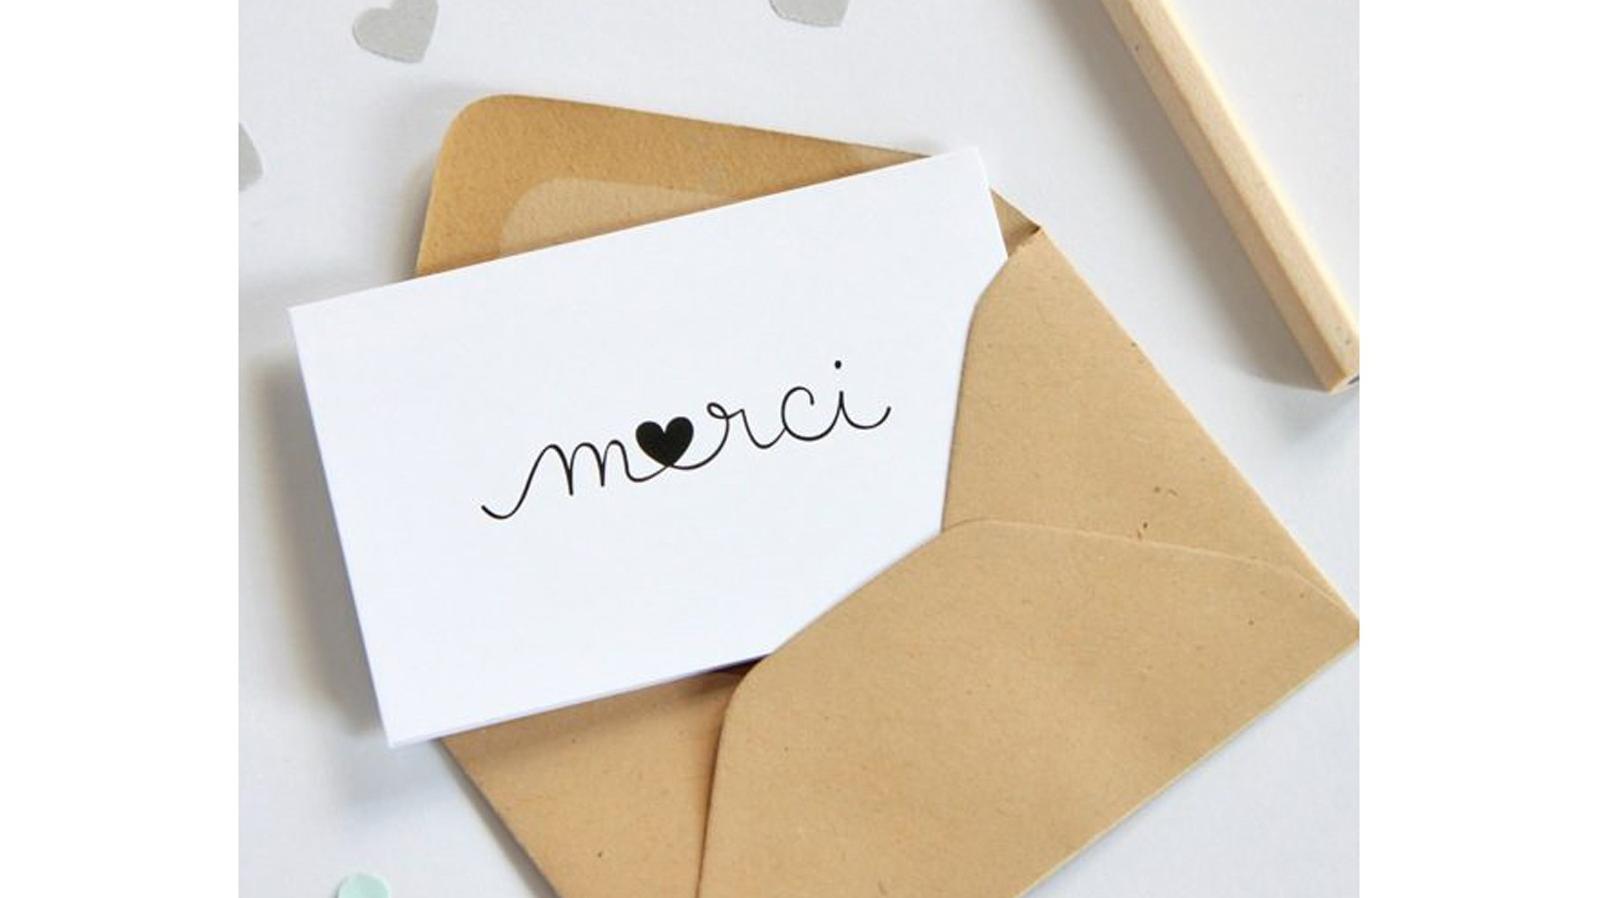 zu-mini-carte-merci-coeur-zu-35-1515241223.jpg